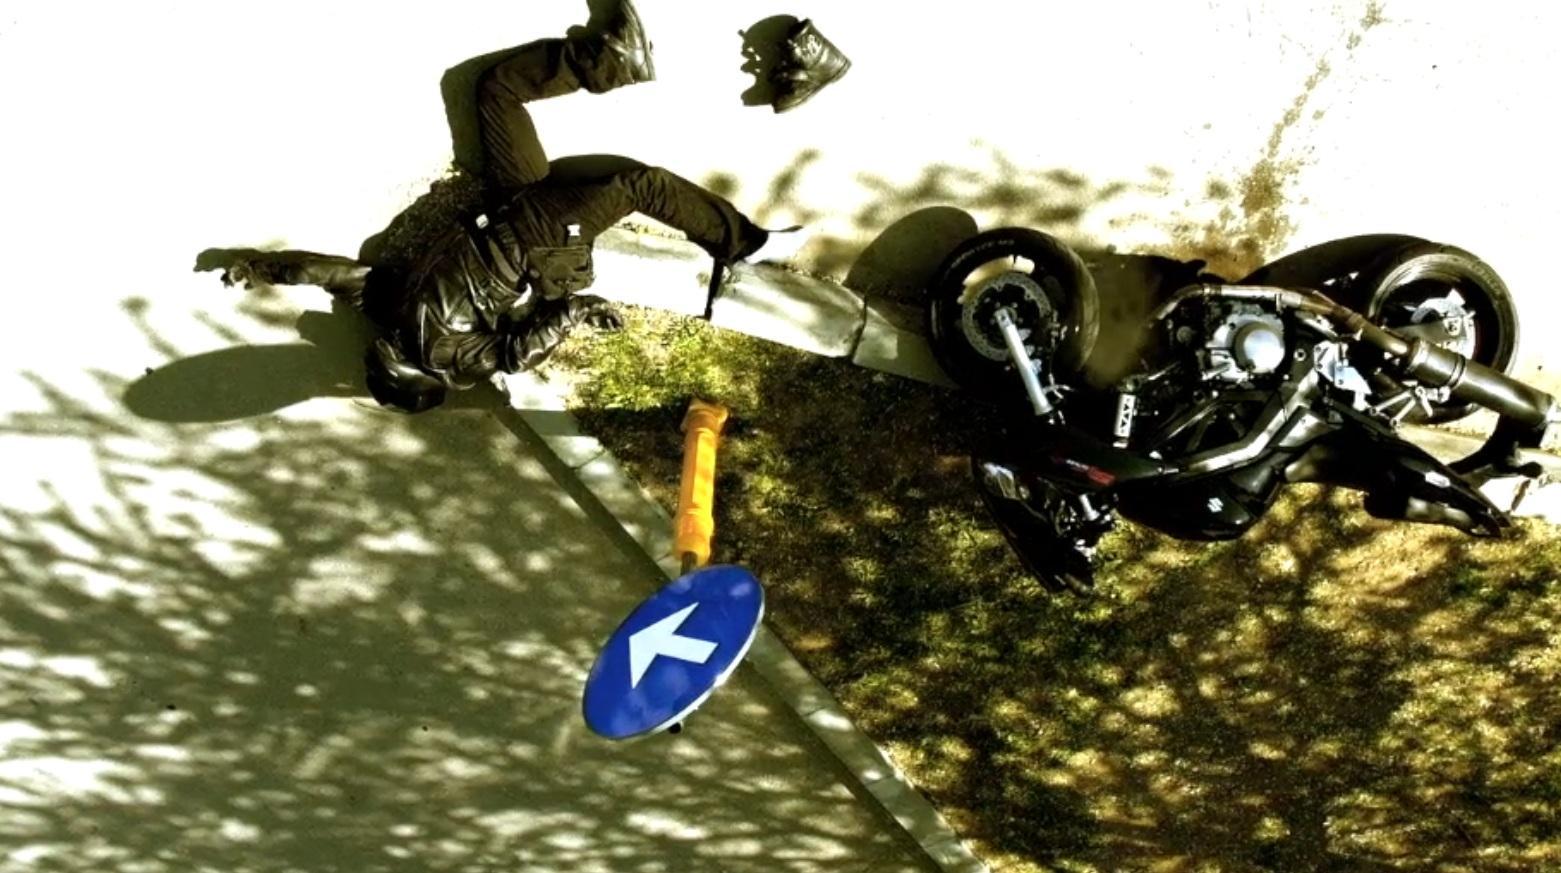 Accident de motocicletă! A virat stânga fără să se asigure și o pasageră e în stare gravă